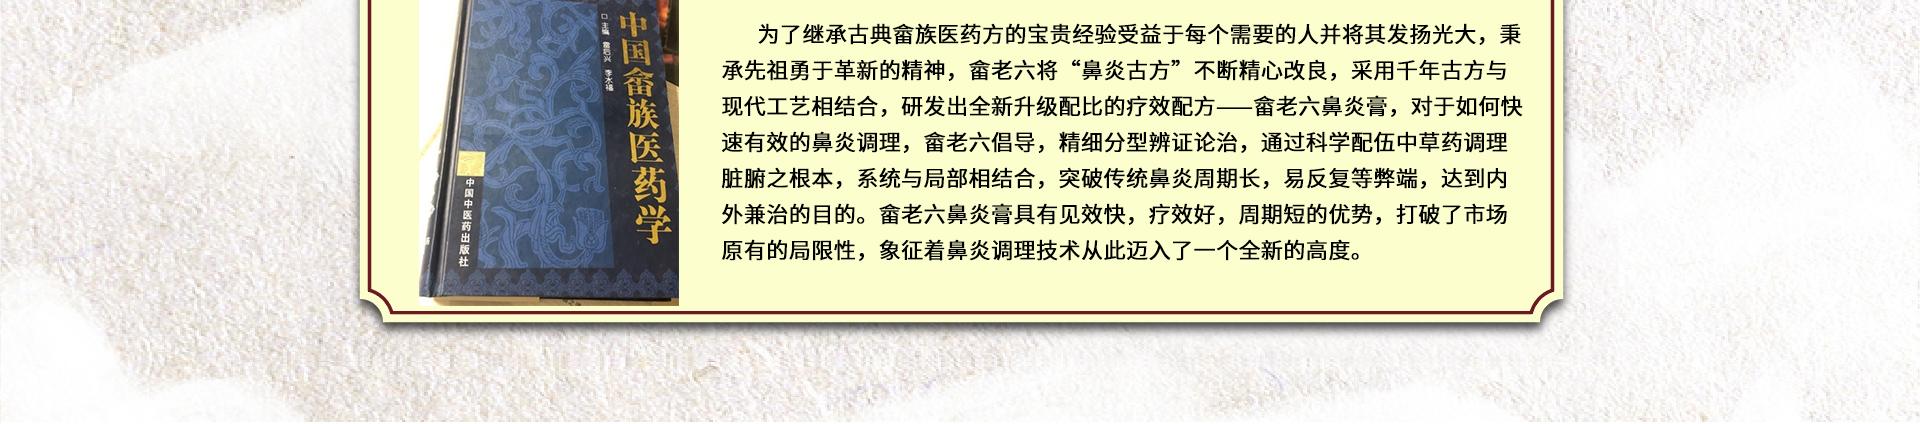 畲老六鼻炎馆201910304764111_02